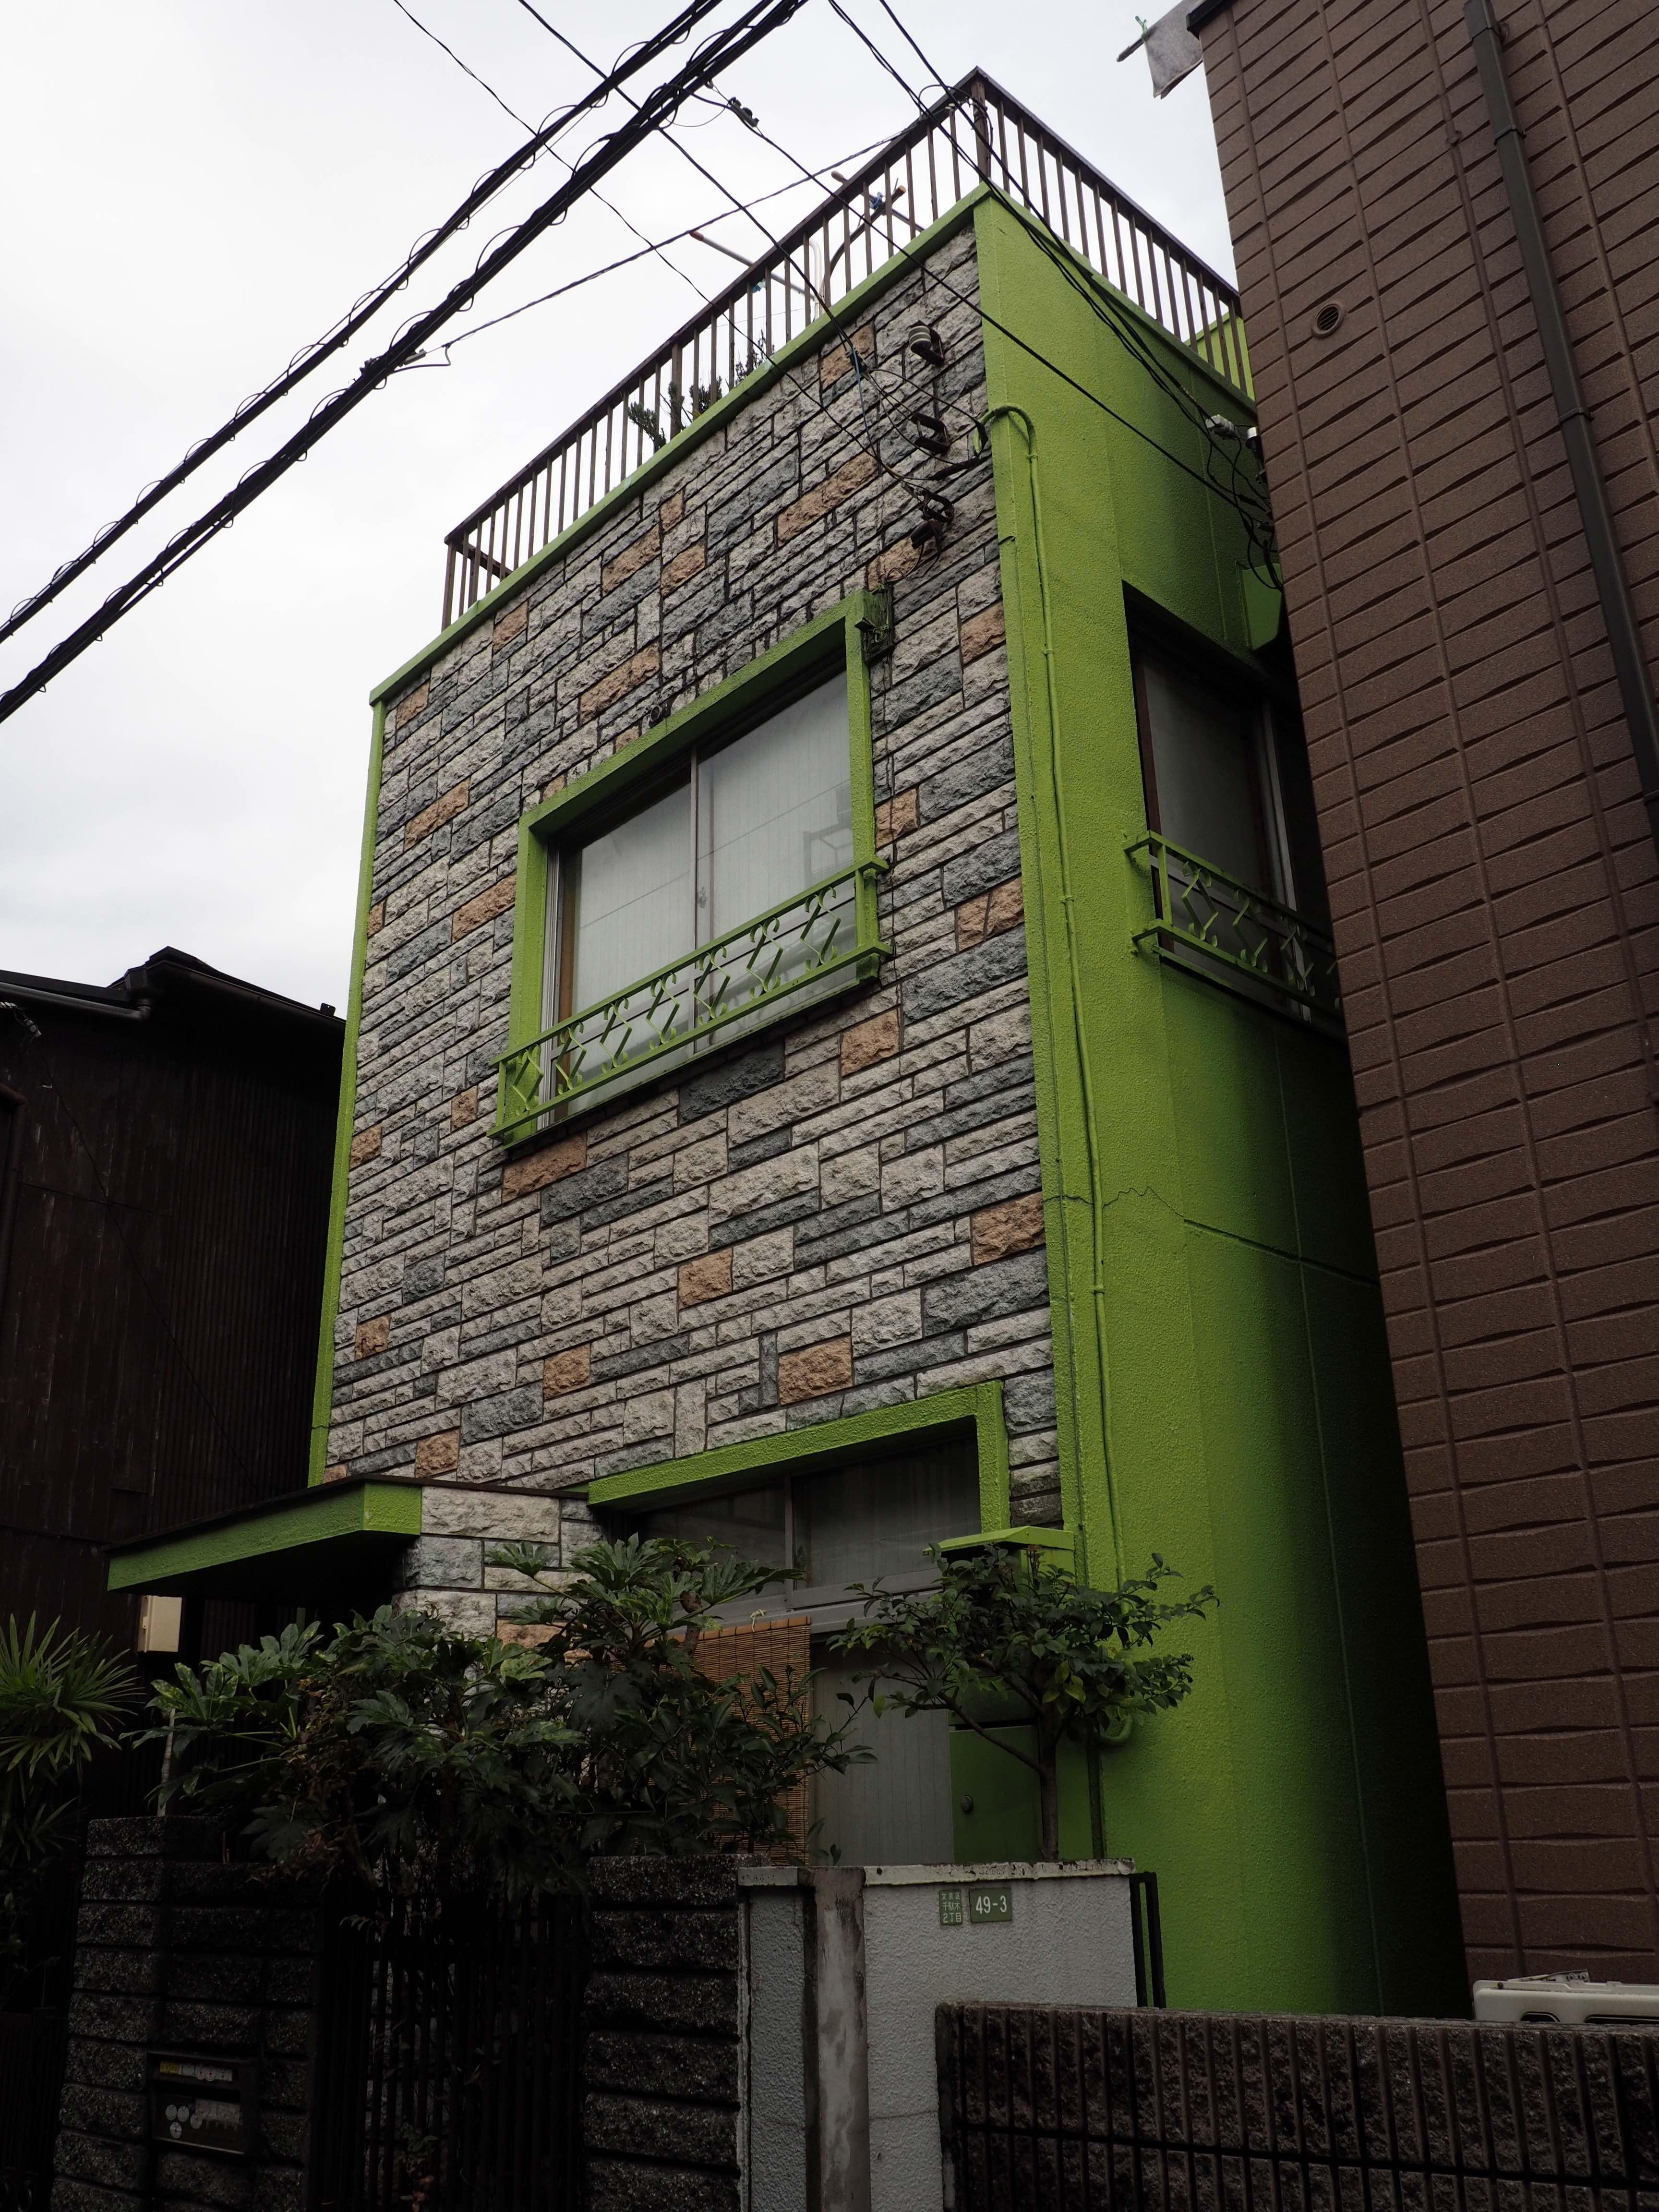 Bild 2. Ein grünes Haus.